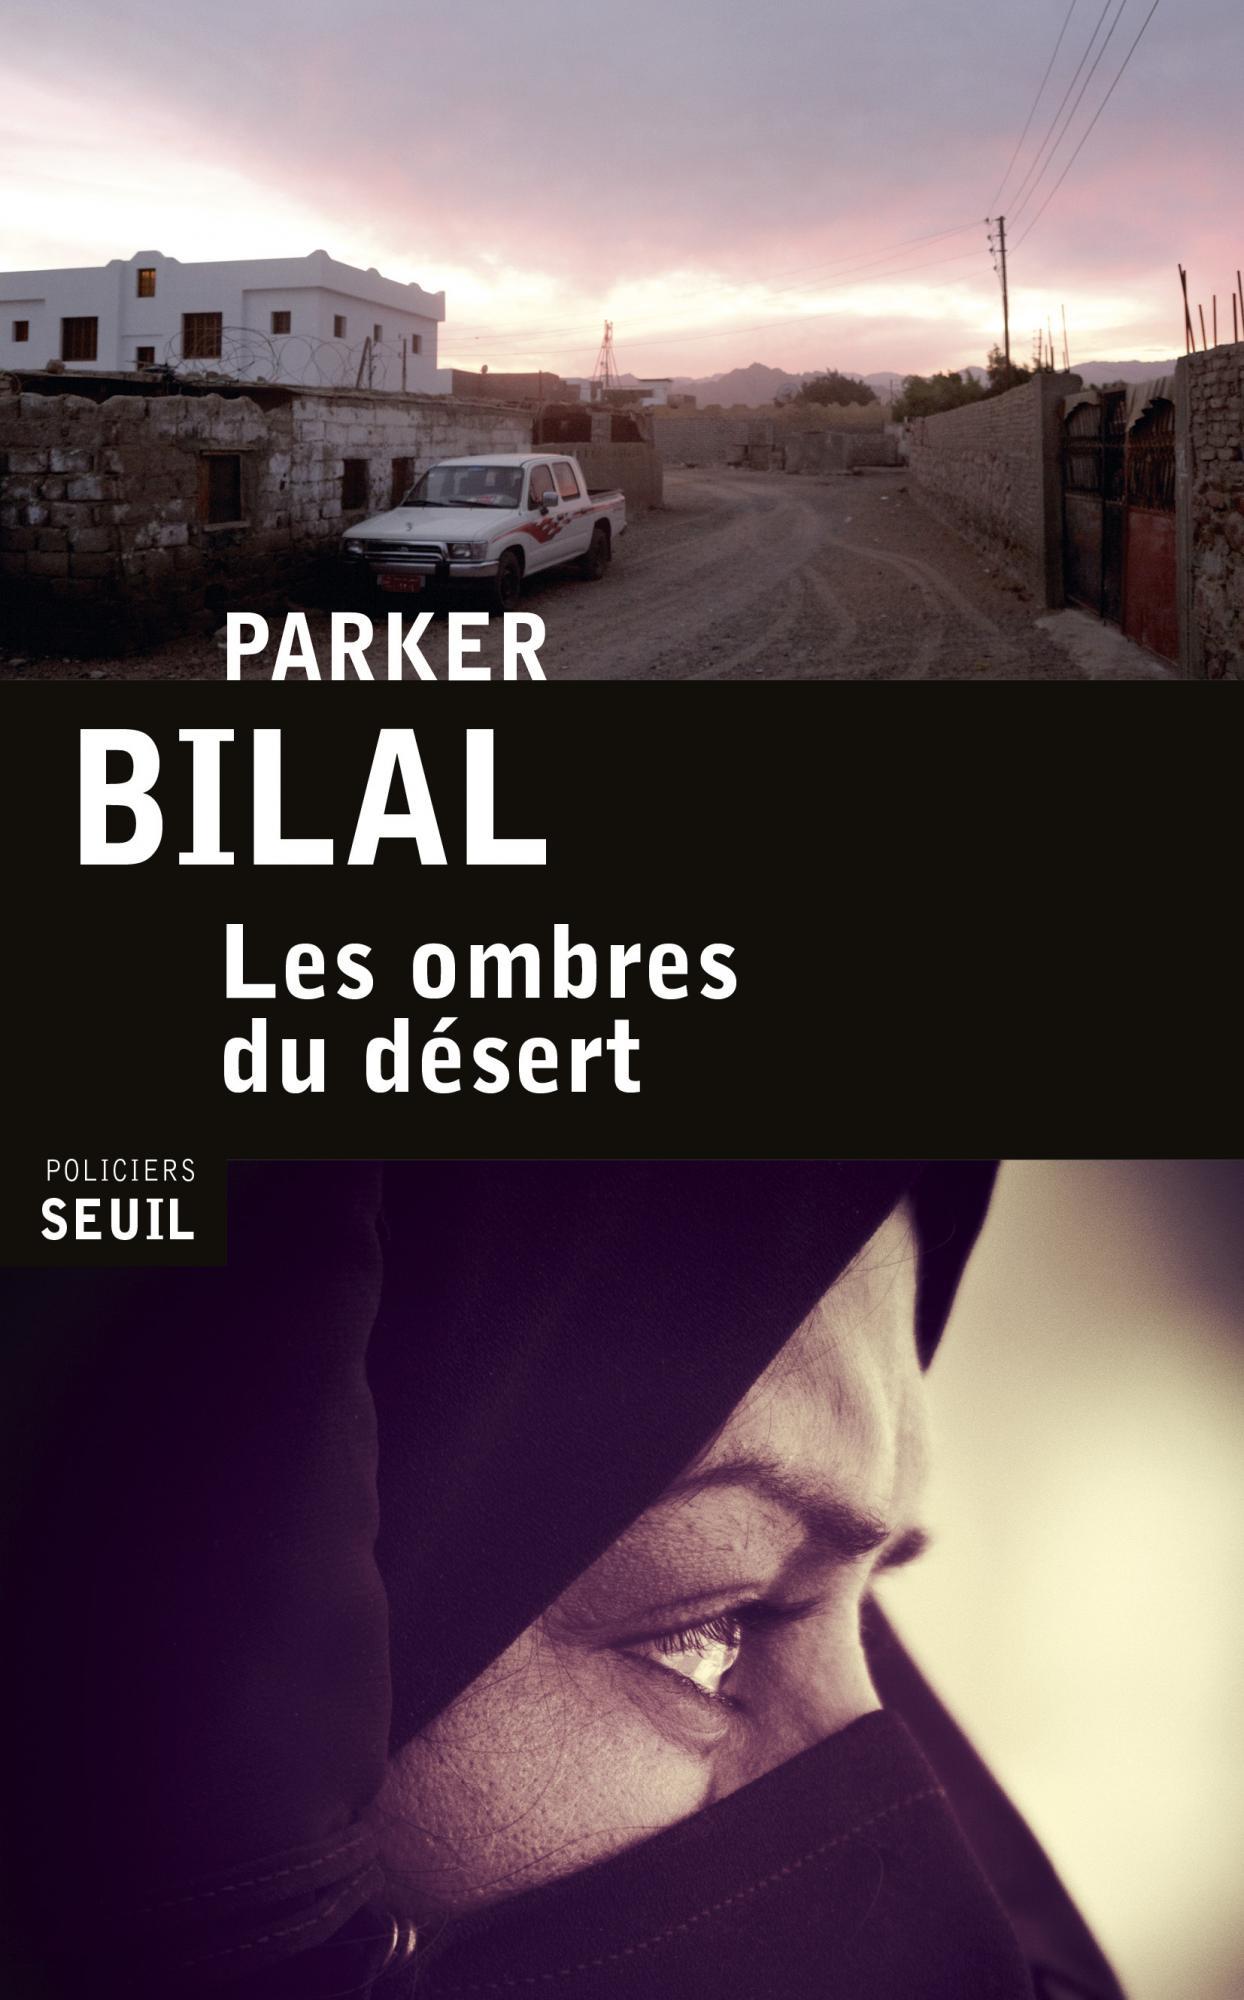 Les ombres du désert - Parker Bilal